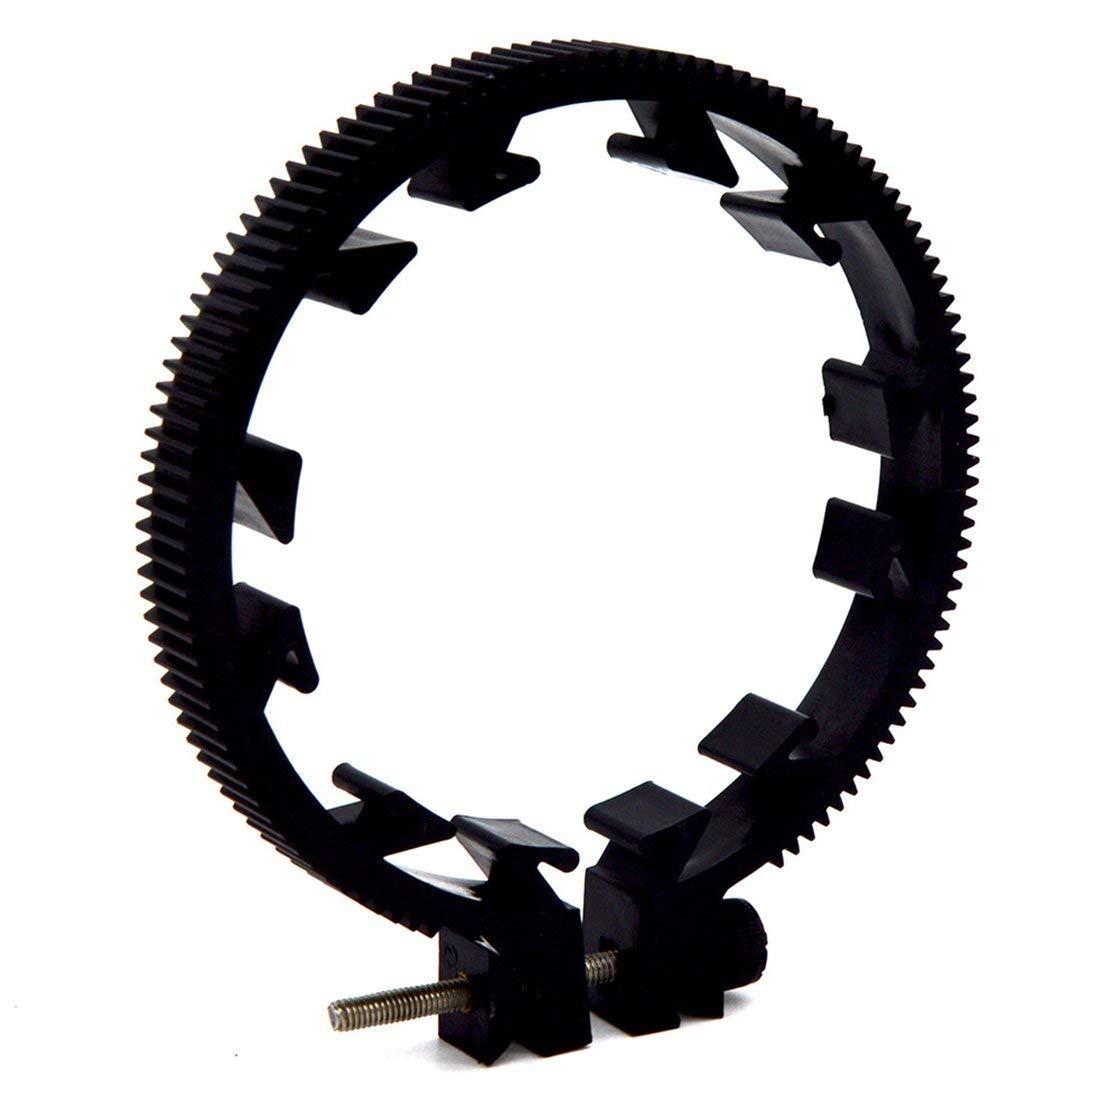 0.8 Modulo seguire la corona dentata di messa a fuoco per obiettivo DSLR 75-85mm Anello ingranaggi regolabile per seguire le forniture della fotocamera DSLR con cintura di messa a fuoco BlackPJenny